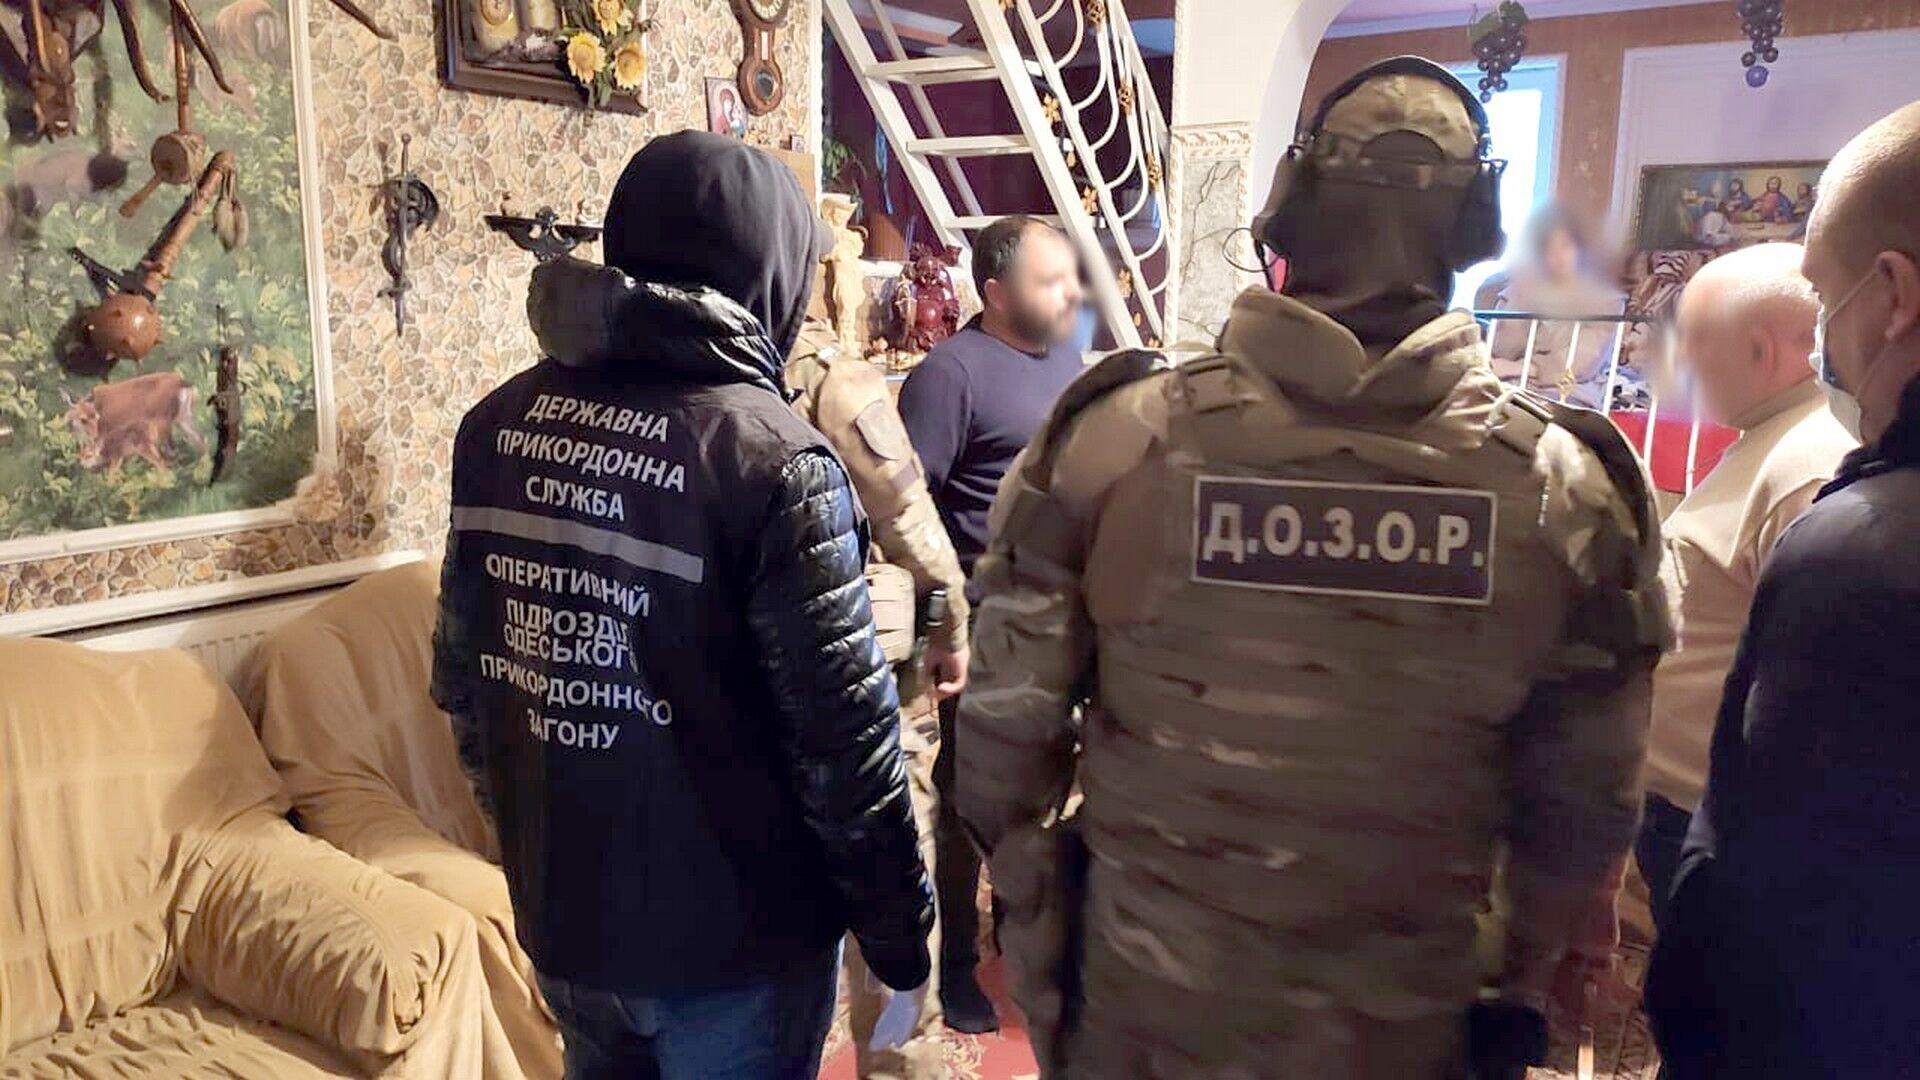 """Разоблачение группы преступников произошло при силовой поддержке спецподразделения """"ДОЗОР"""""""